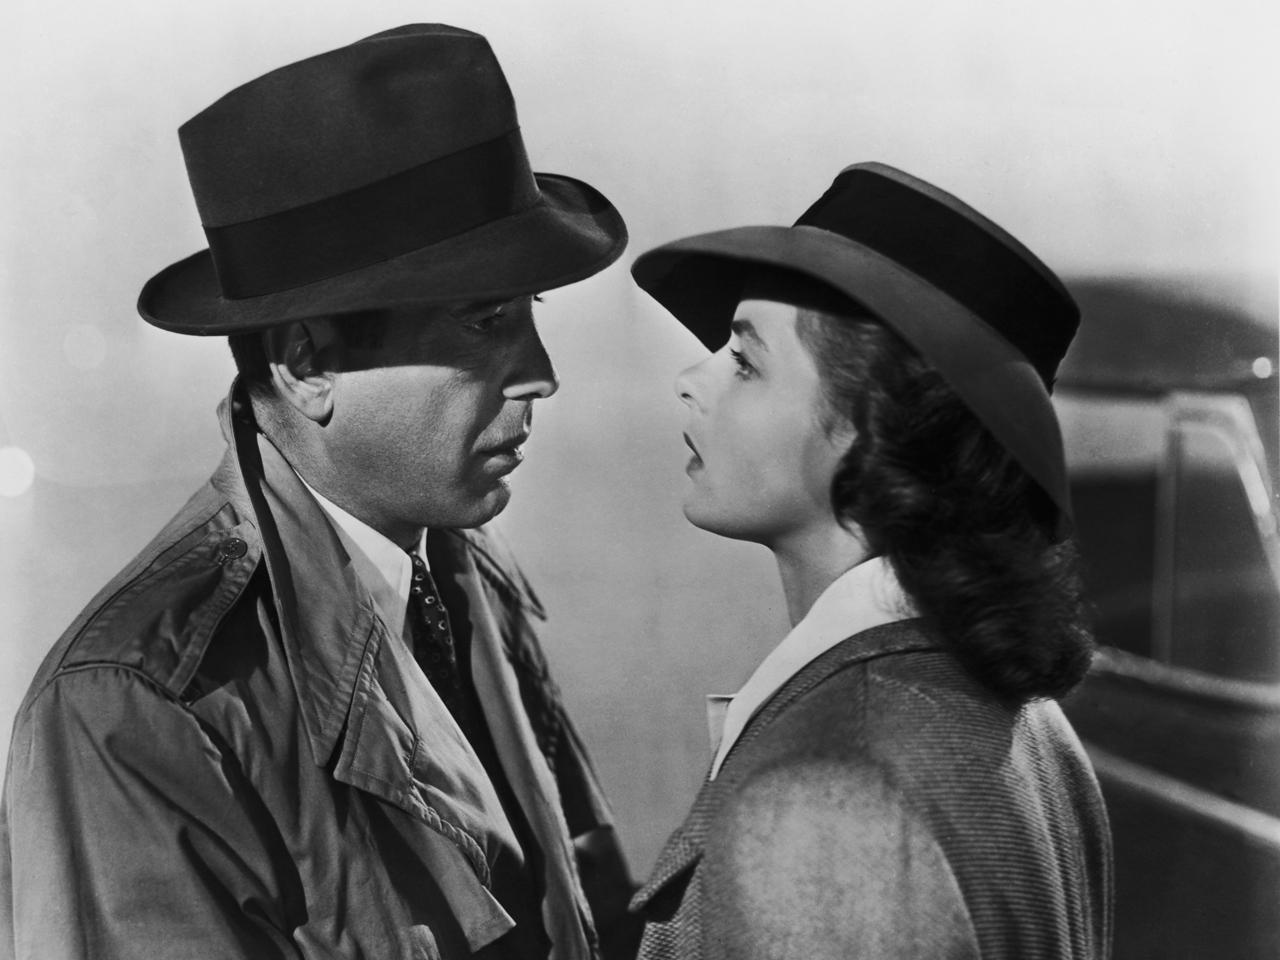 Bogart & Bergman in Casablanca.